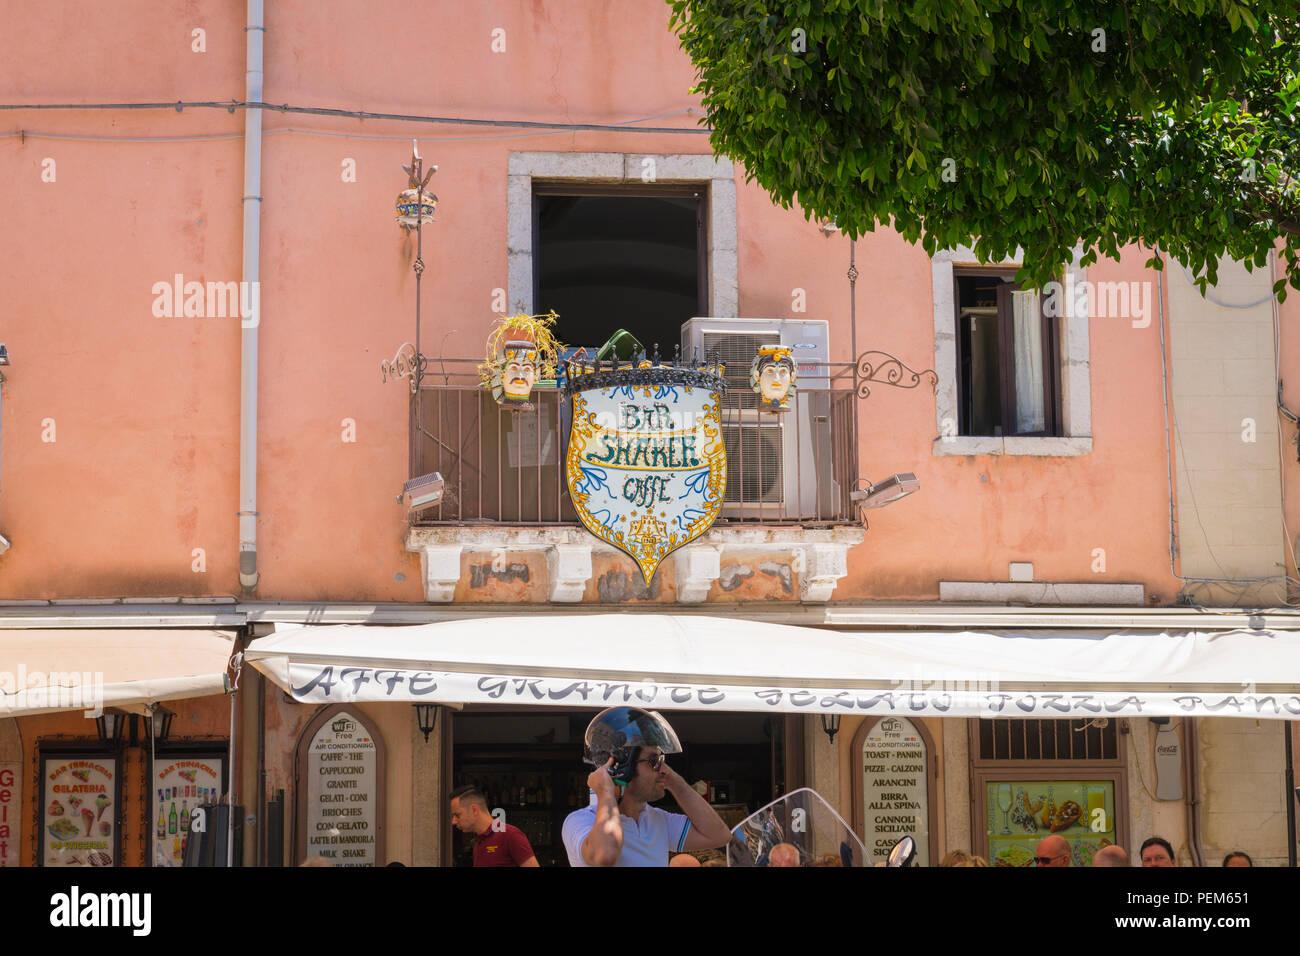 Italia Sicilia Monte Tauro più famosa stazione turistica di lusso Taormina Shaker Bar Caffe cafe est 1968 balcone teste in ceramica free wifi arancini calzoni Immagini Stock